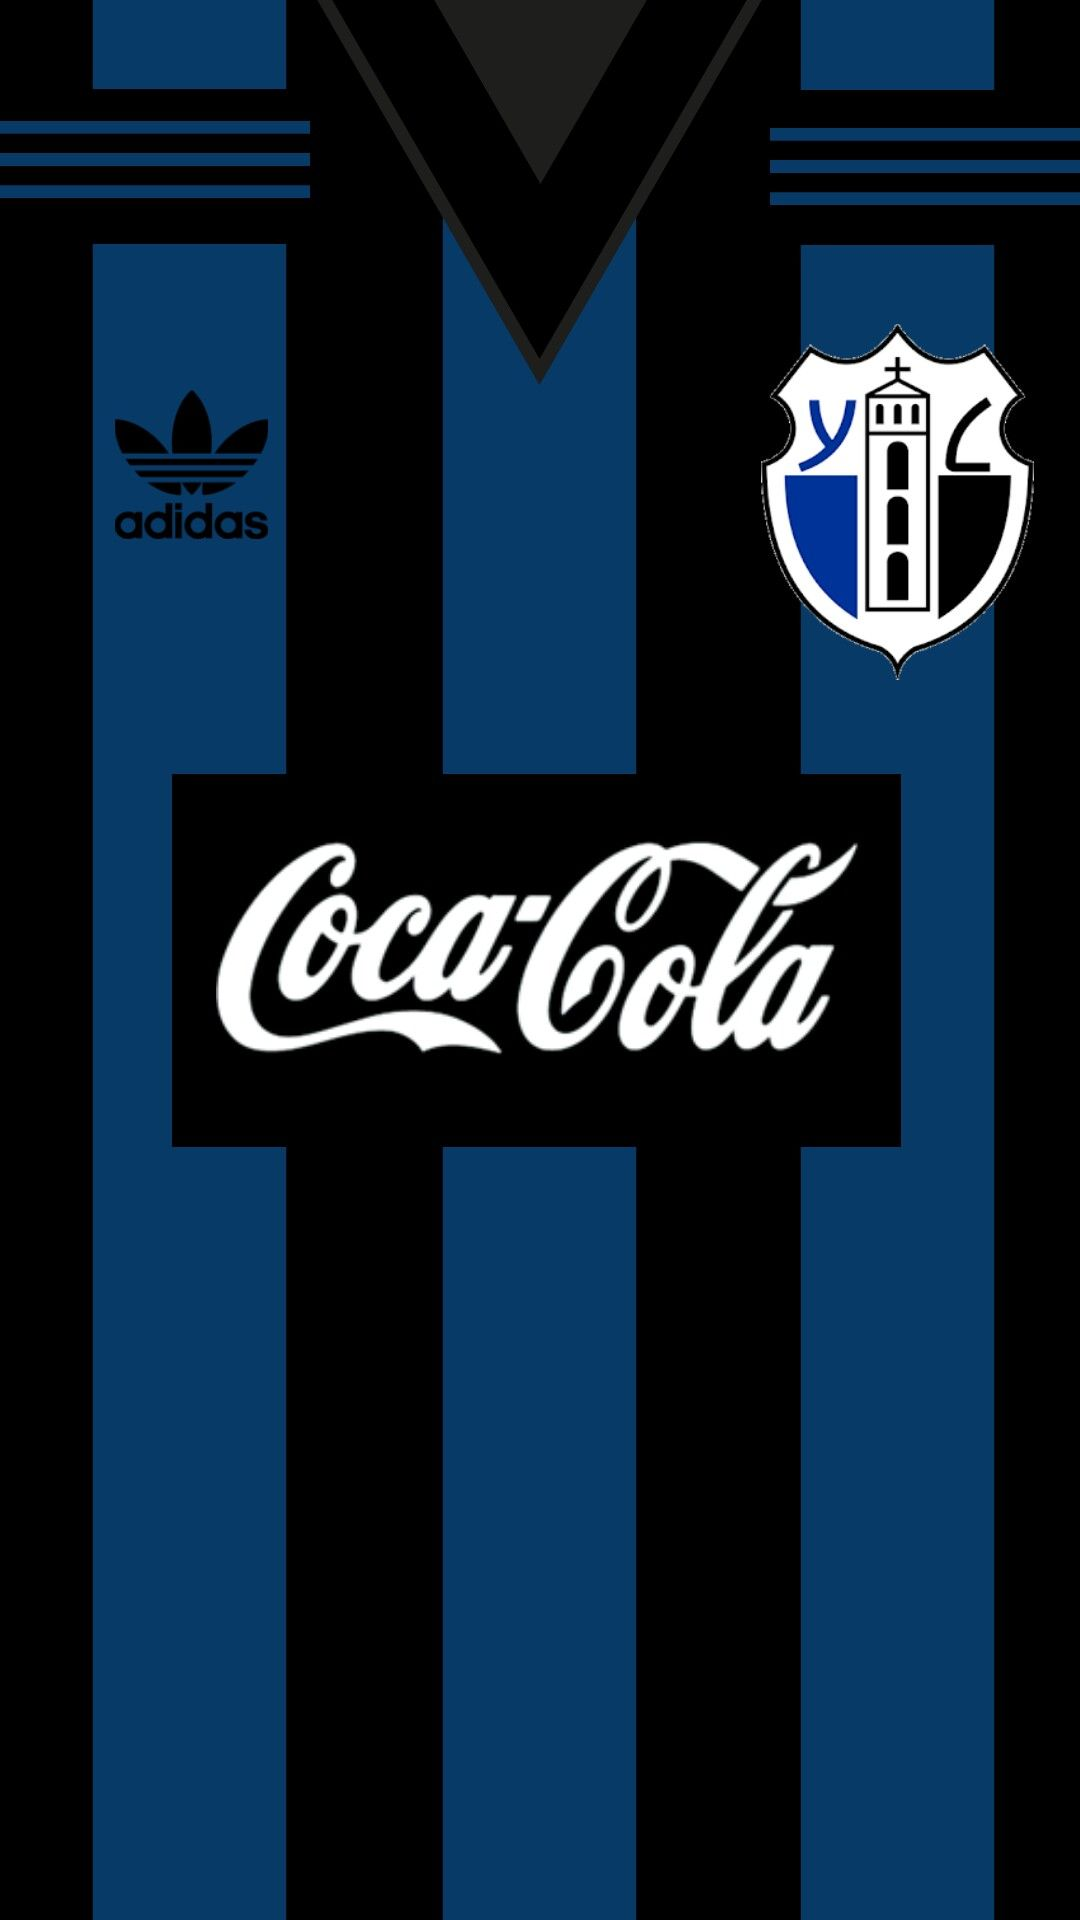 Pin De Magomed Ahmedov Em Football Wallpaper Design Em 2020